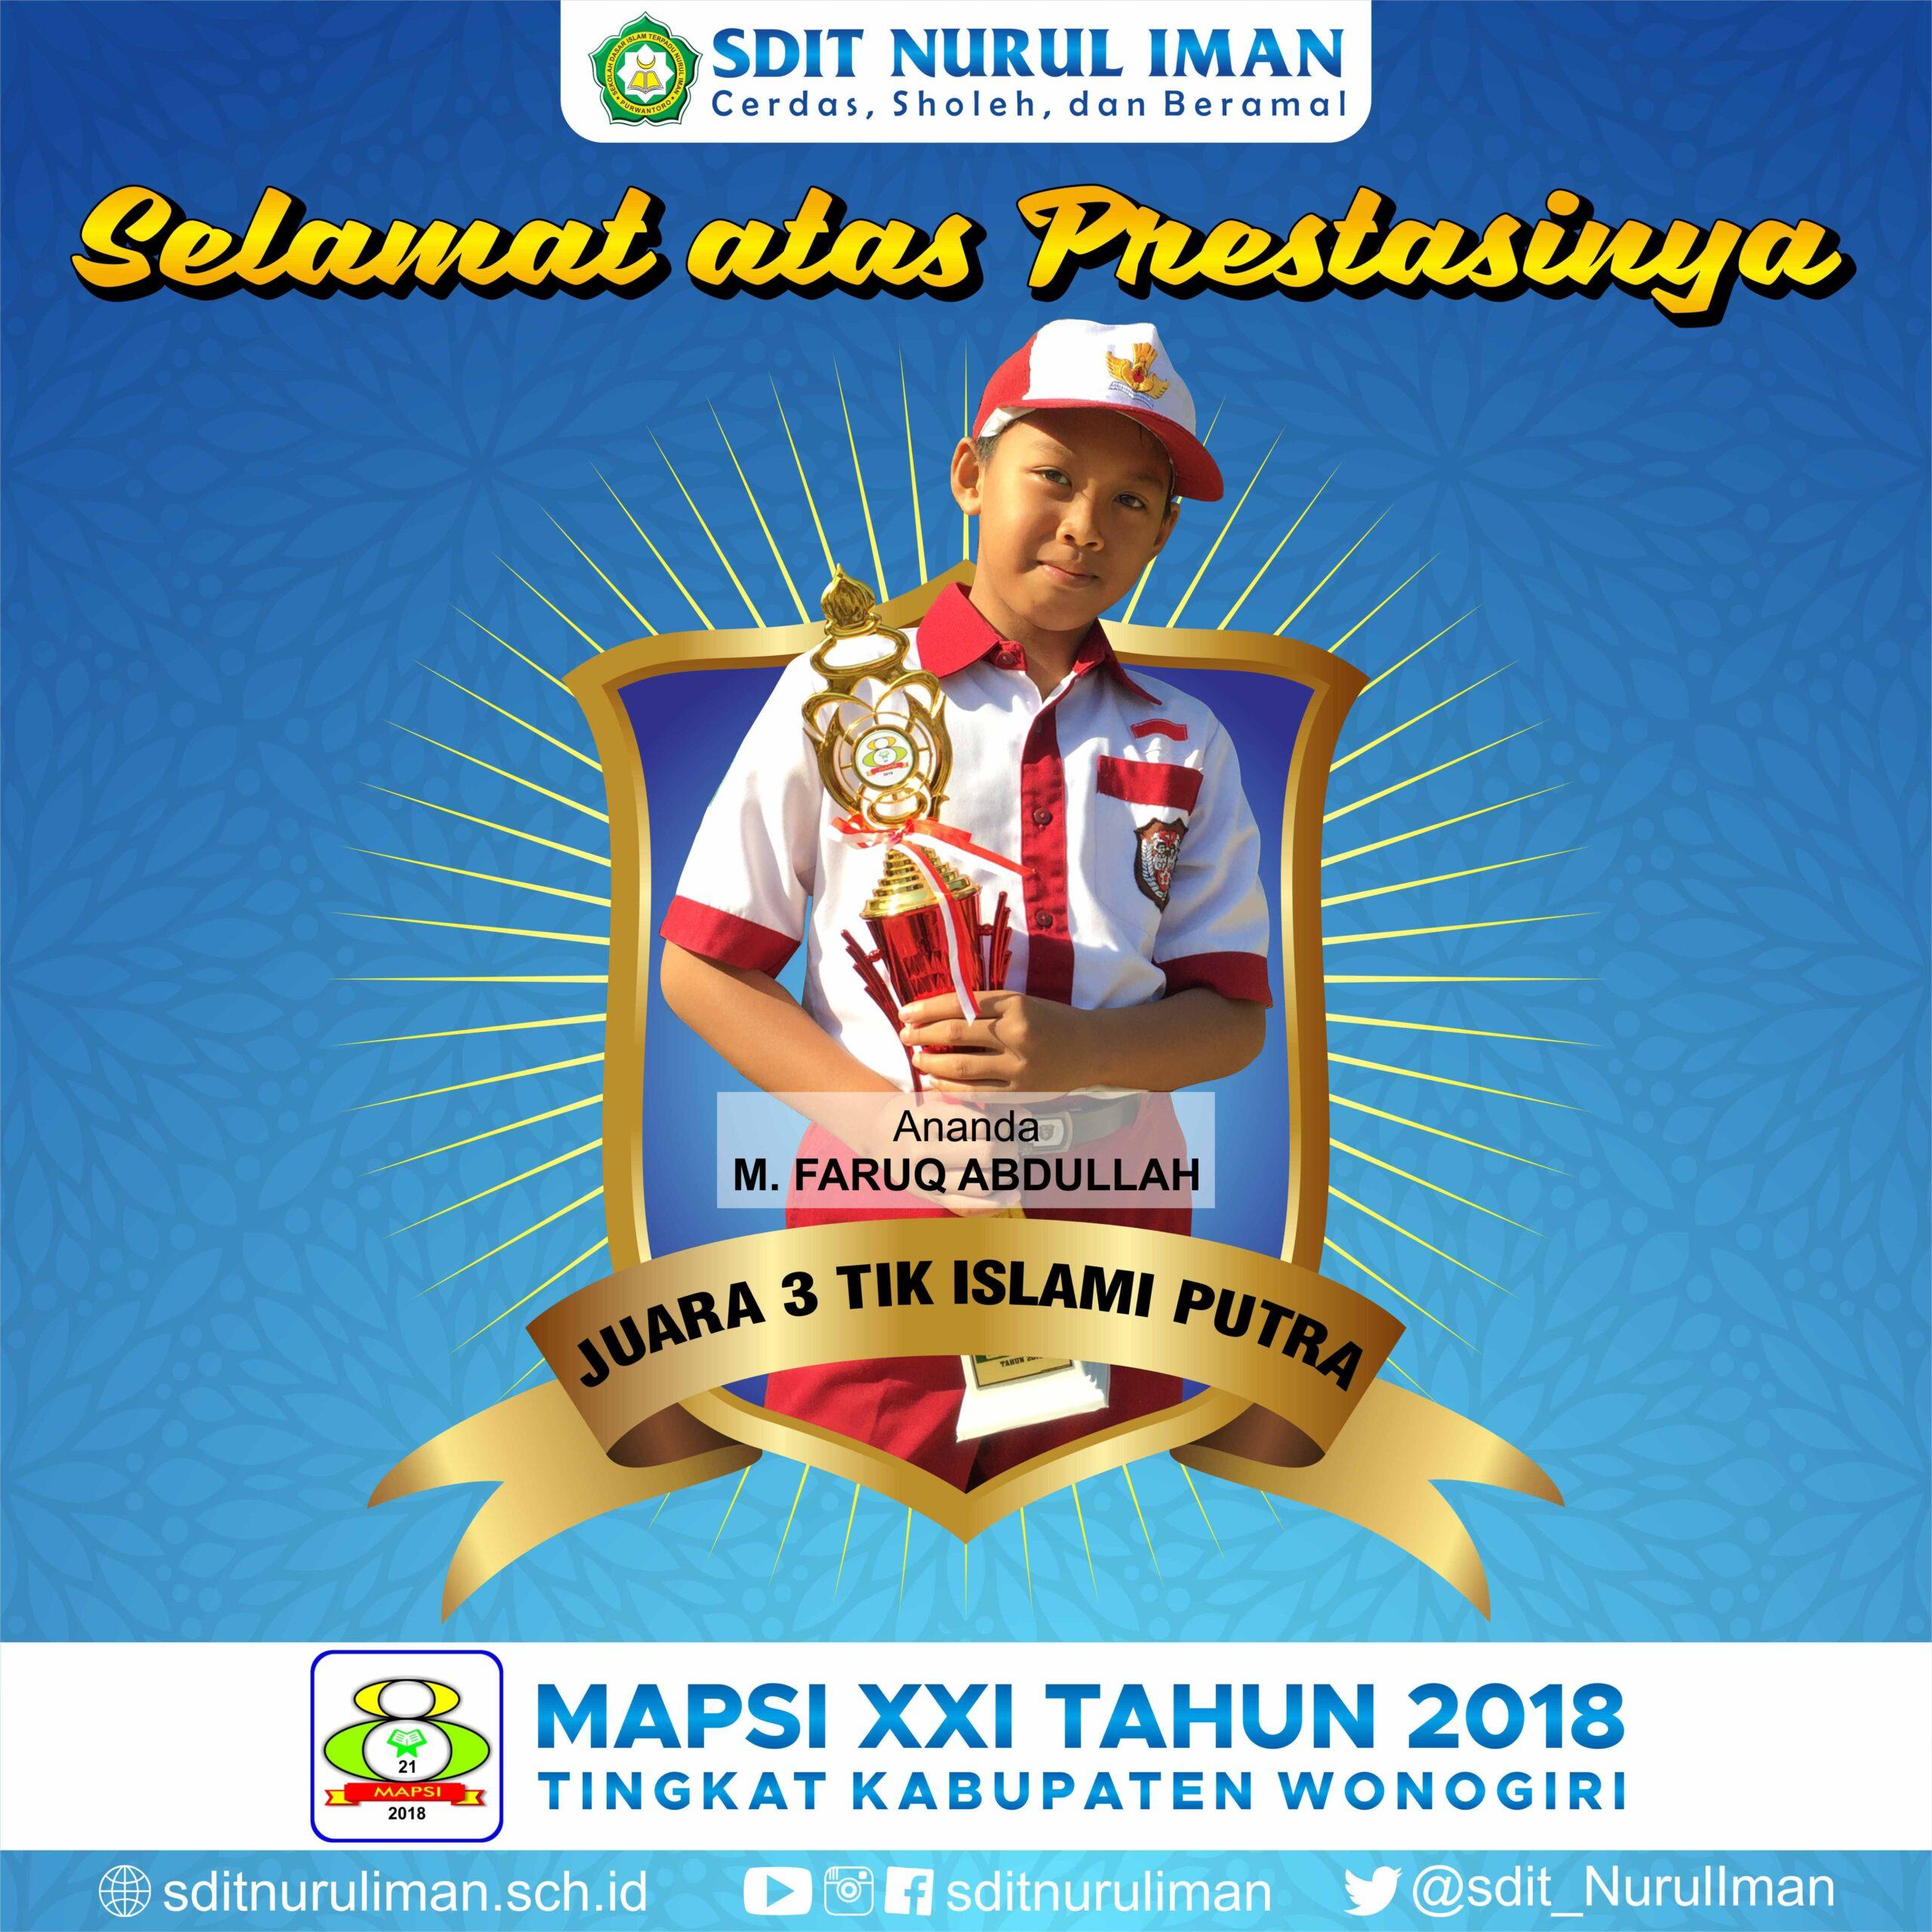 Juara 3 TIKI Putra Lomba MAPSI XXI Tingkat Kabupaten Wonogiri